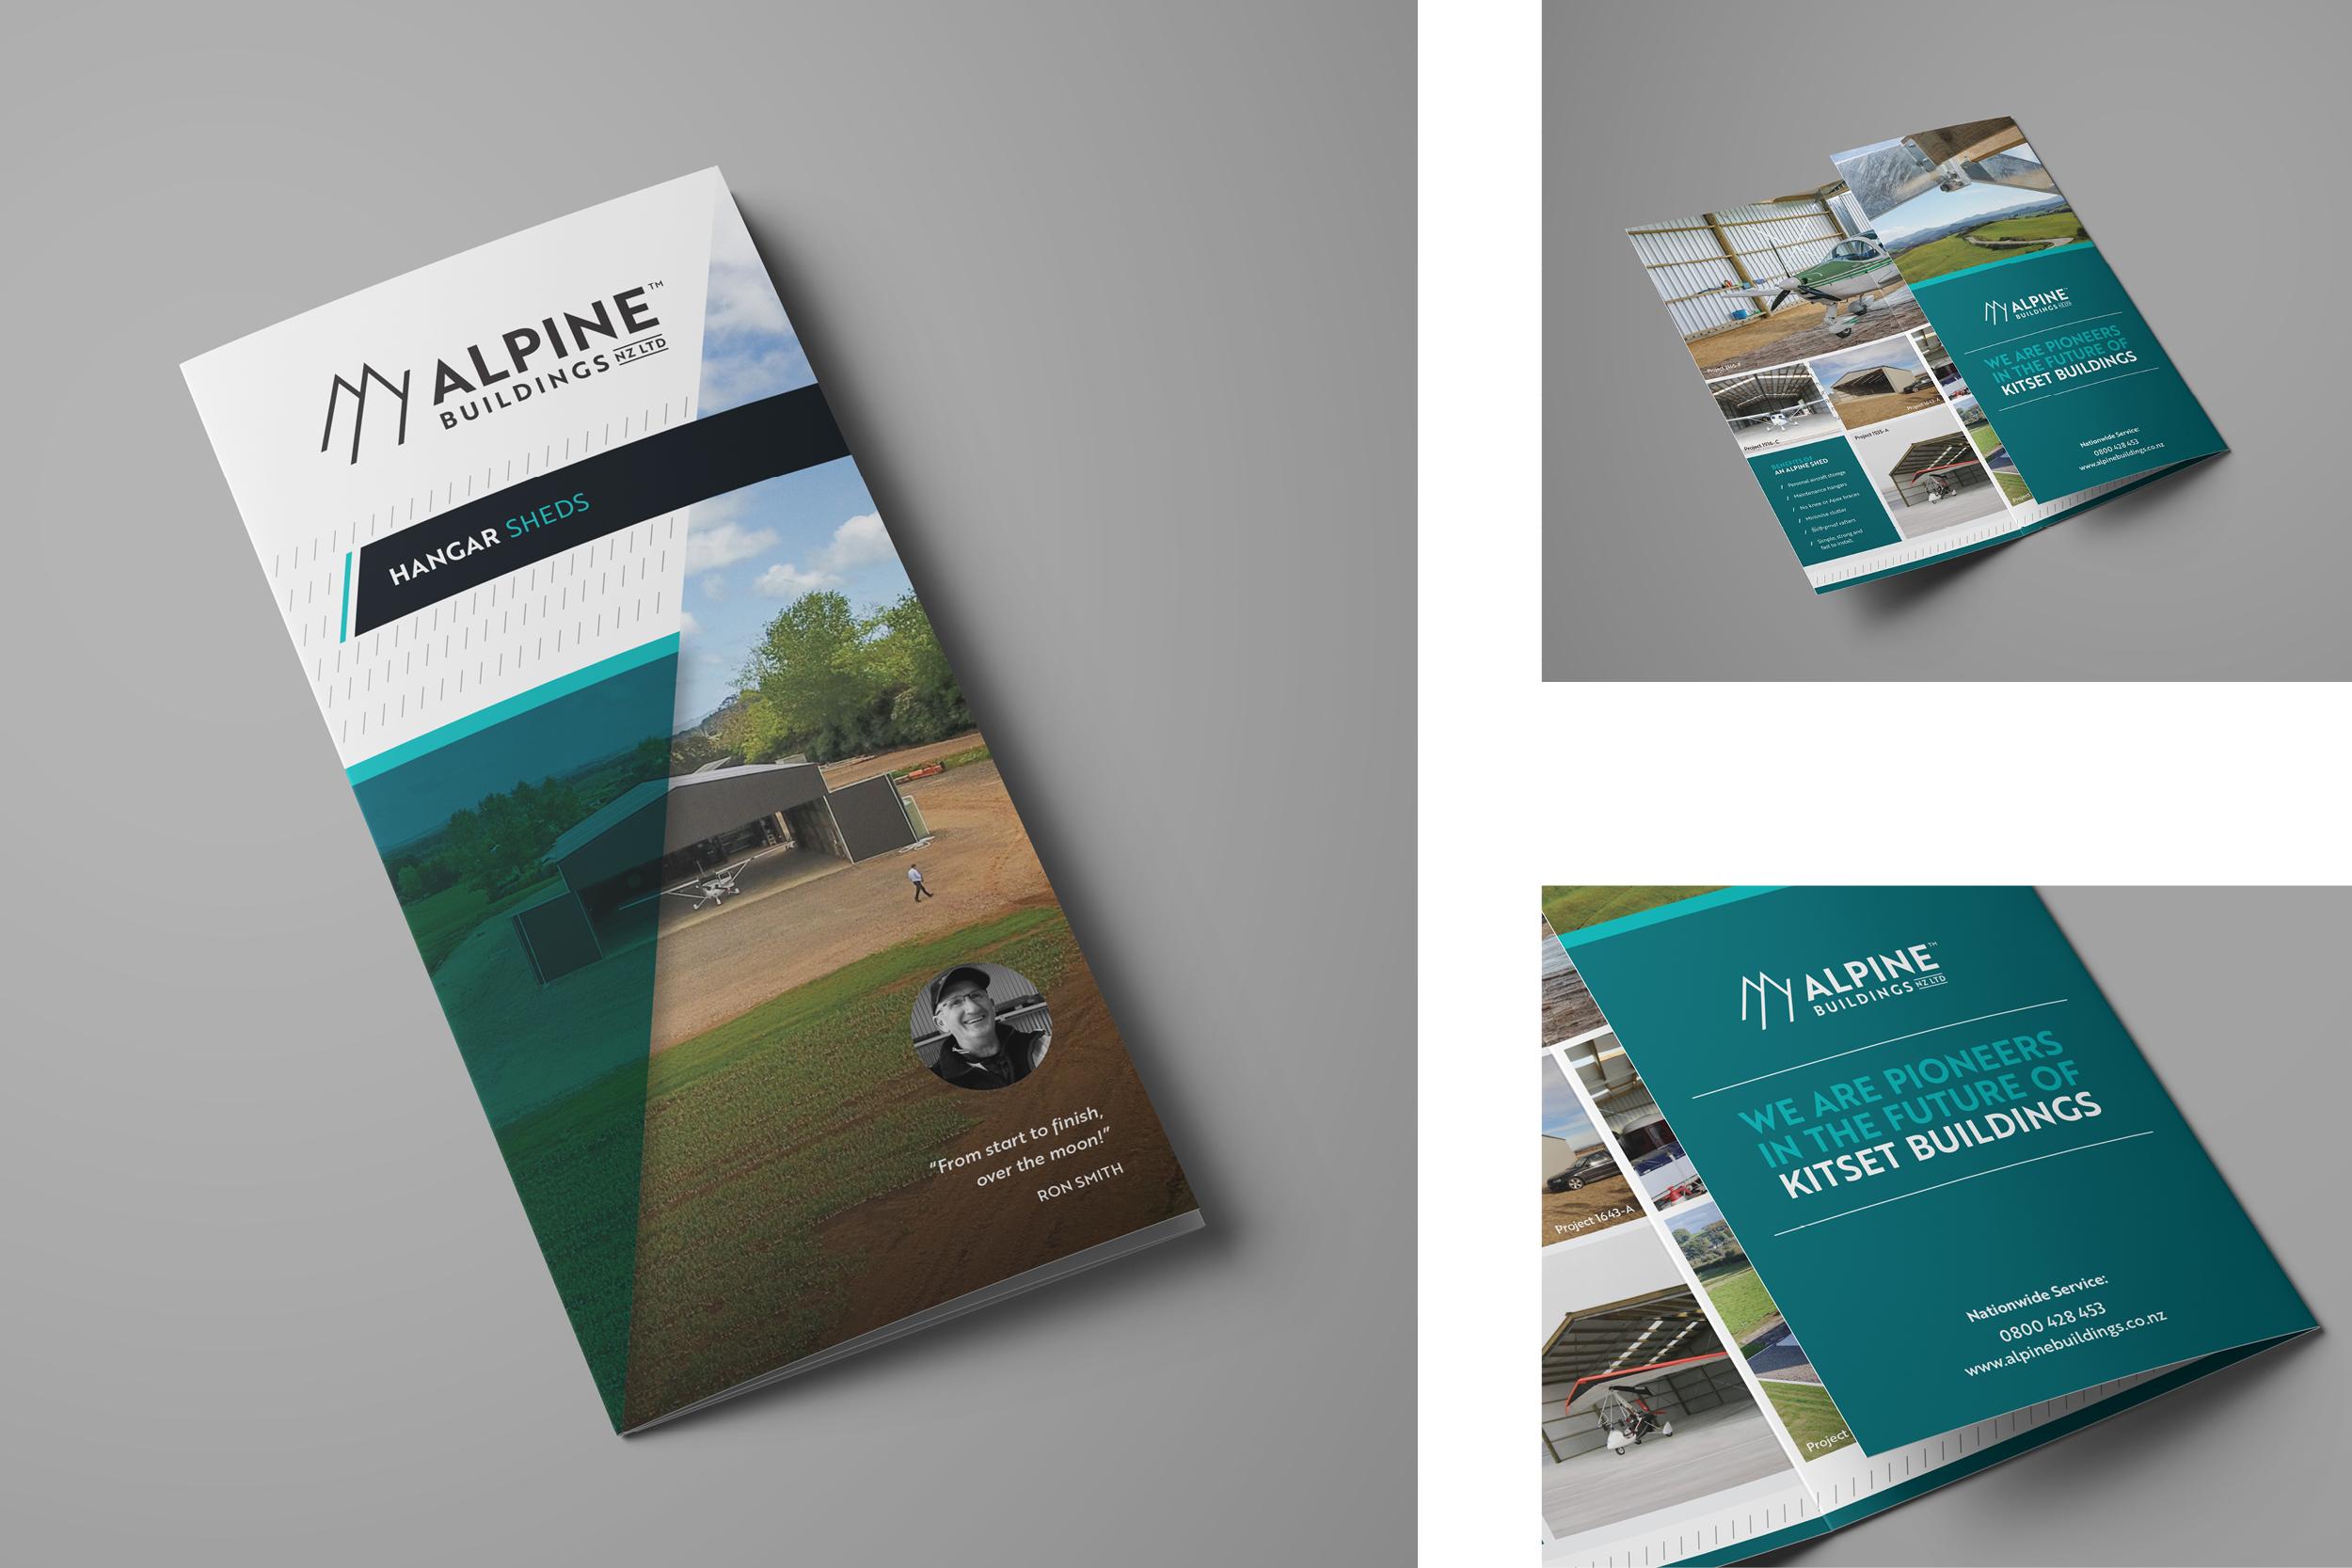 Alpine Buildings23.jpg